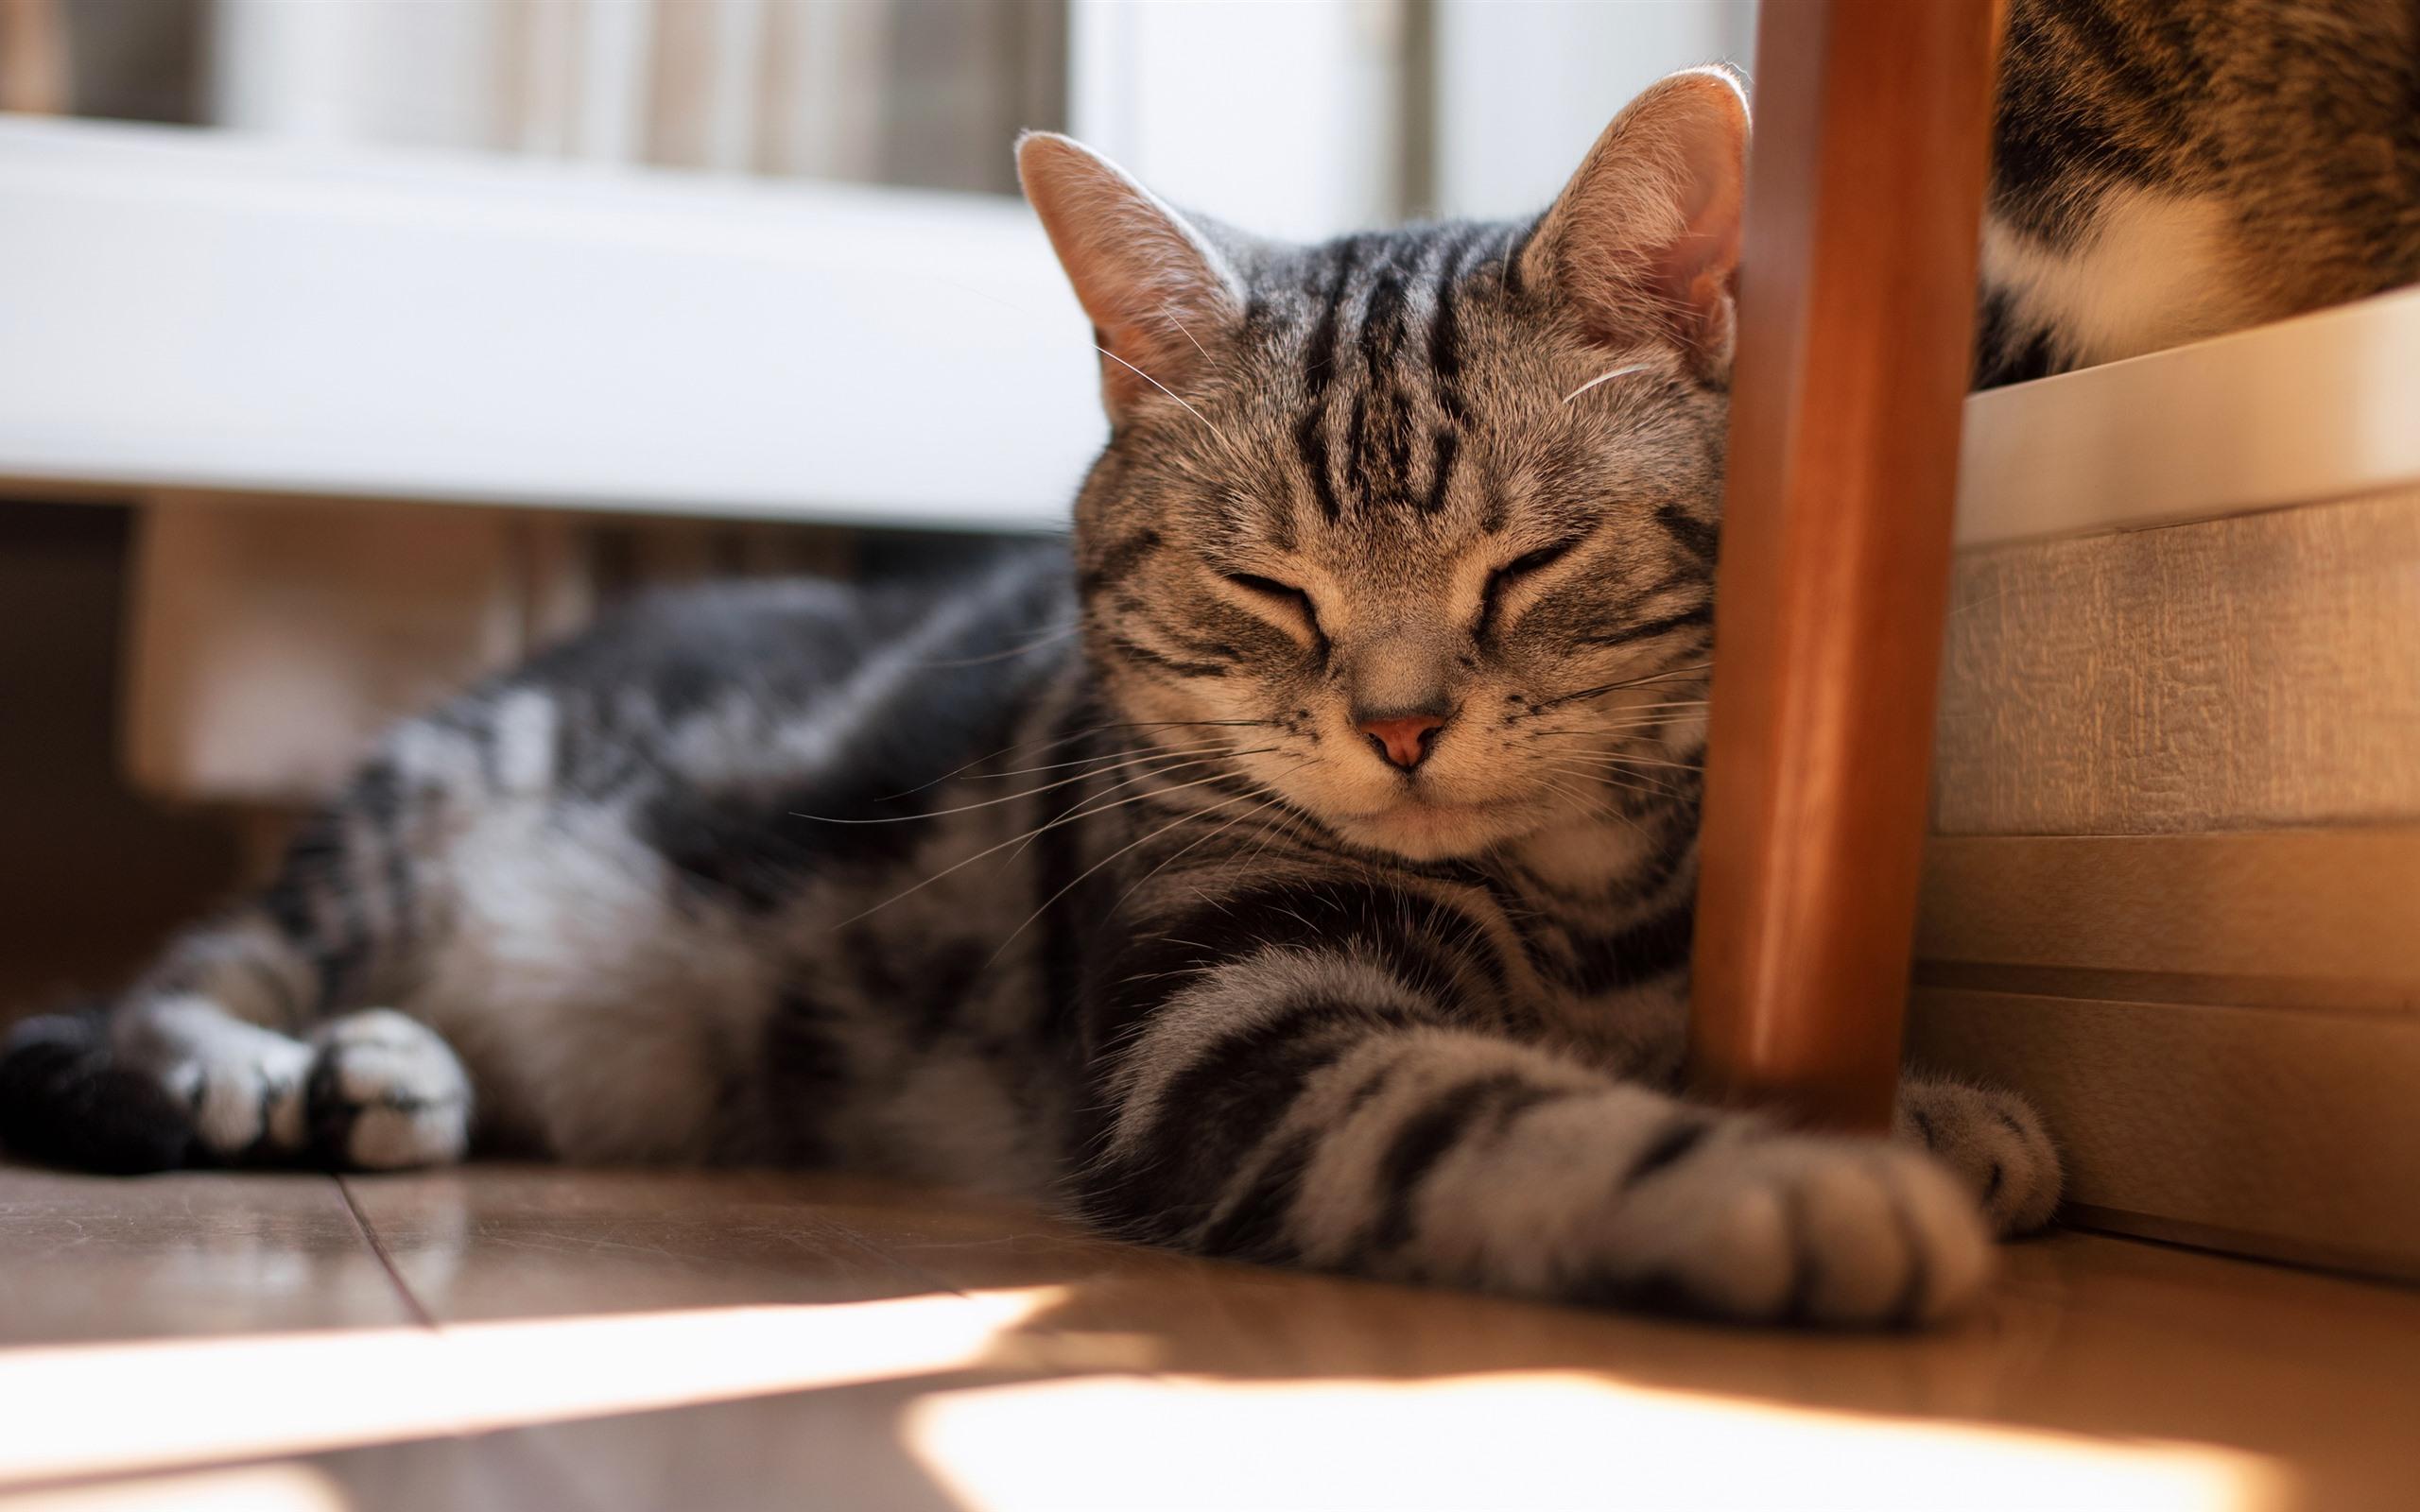 . Wallpaper Cat sleeping  room  floor 3840x2160 UHD 4K Picture  Image